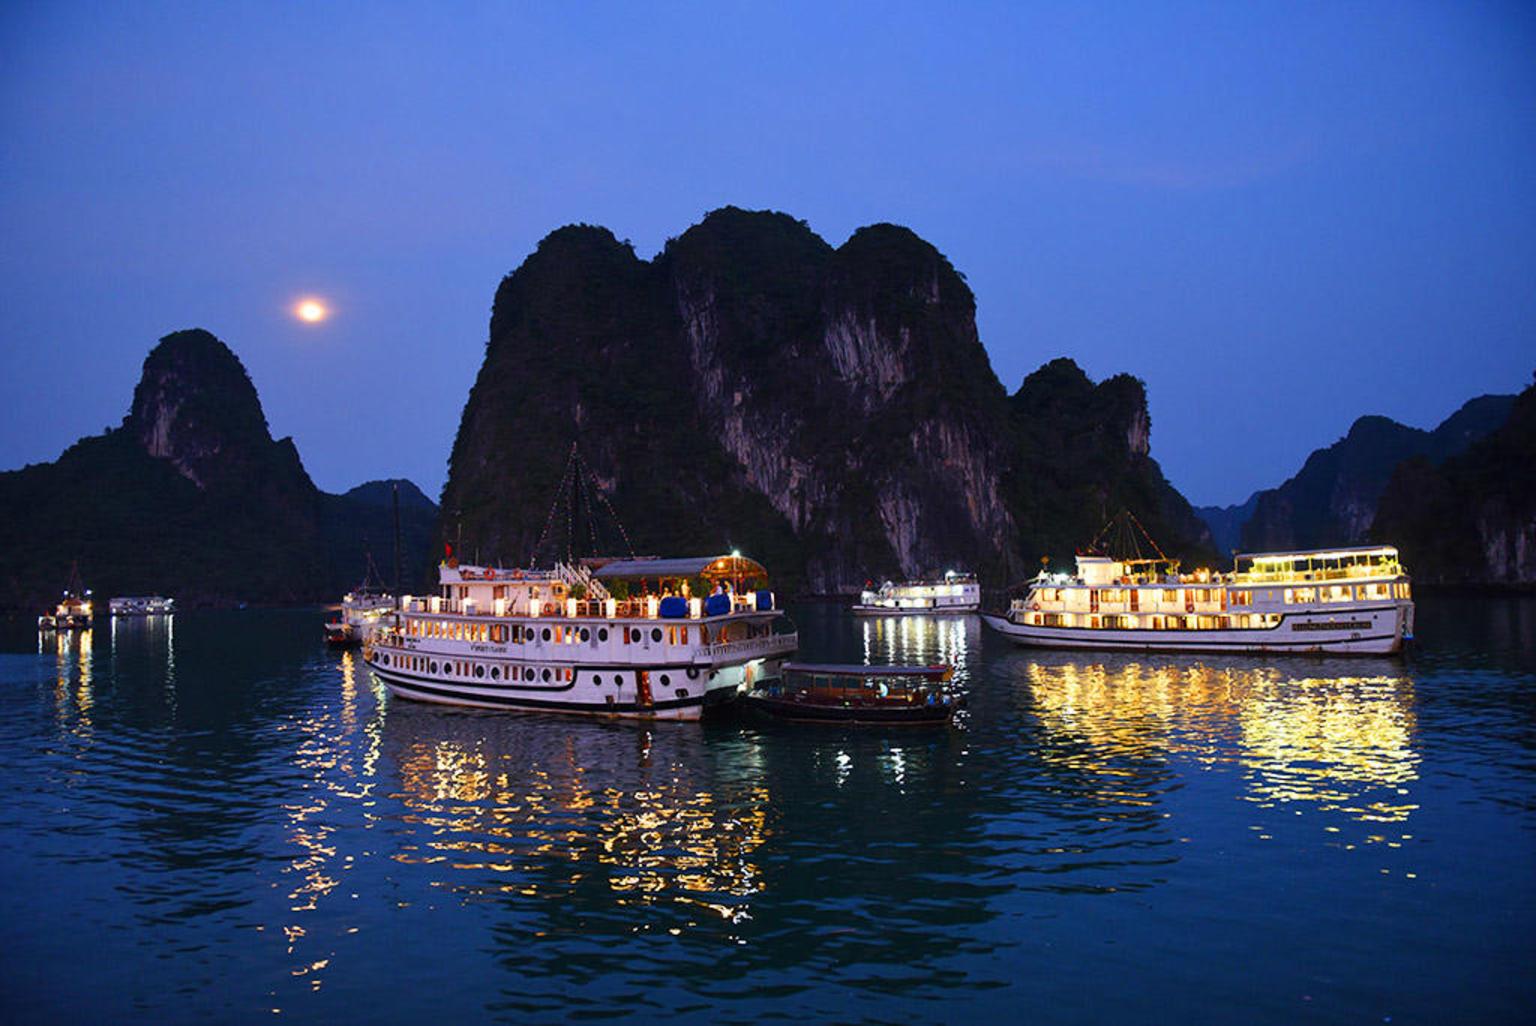 MAIS FOTOS, Passeio luxuoso de barco tipo junk de 2 dias na baía de Ha Long incluindo uma aula de culinária e Tai Chi matinal